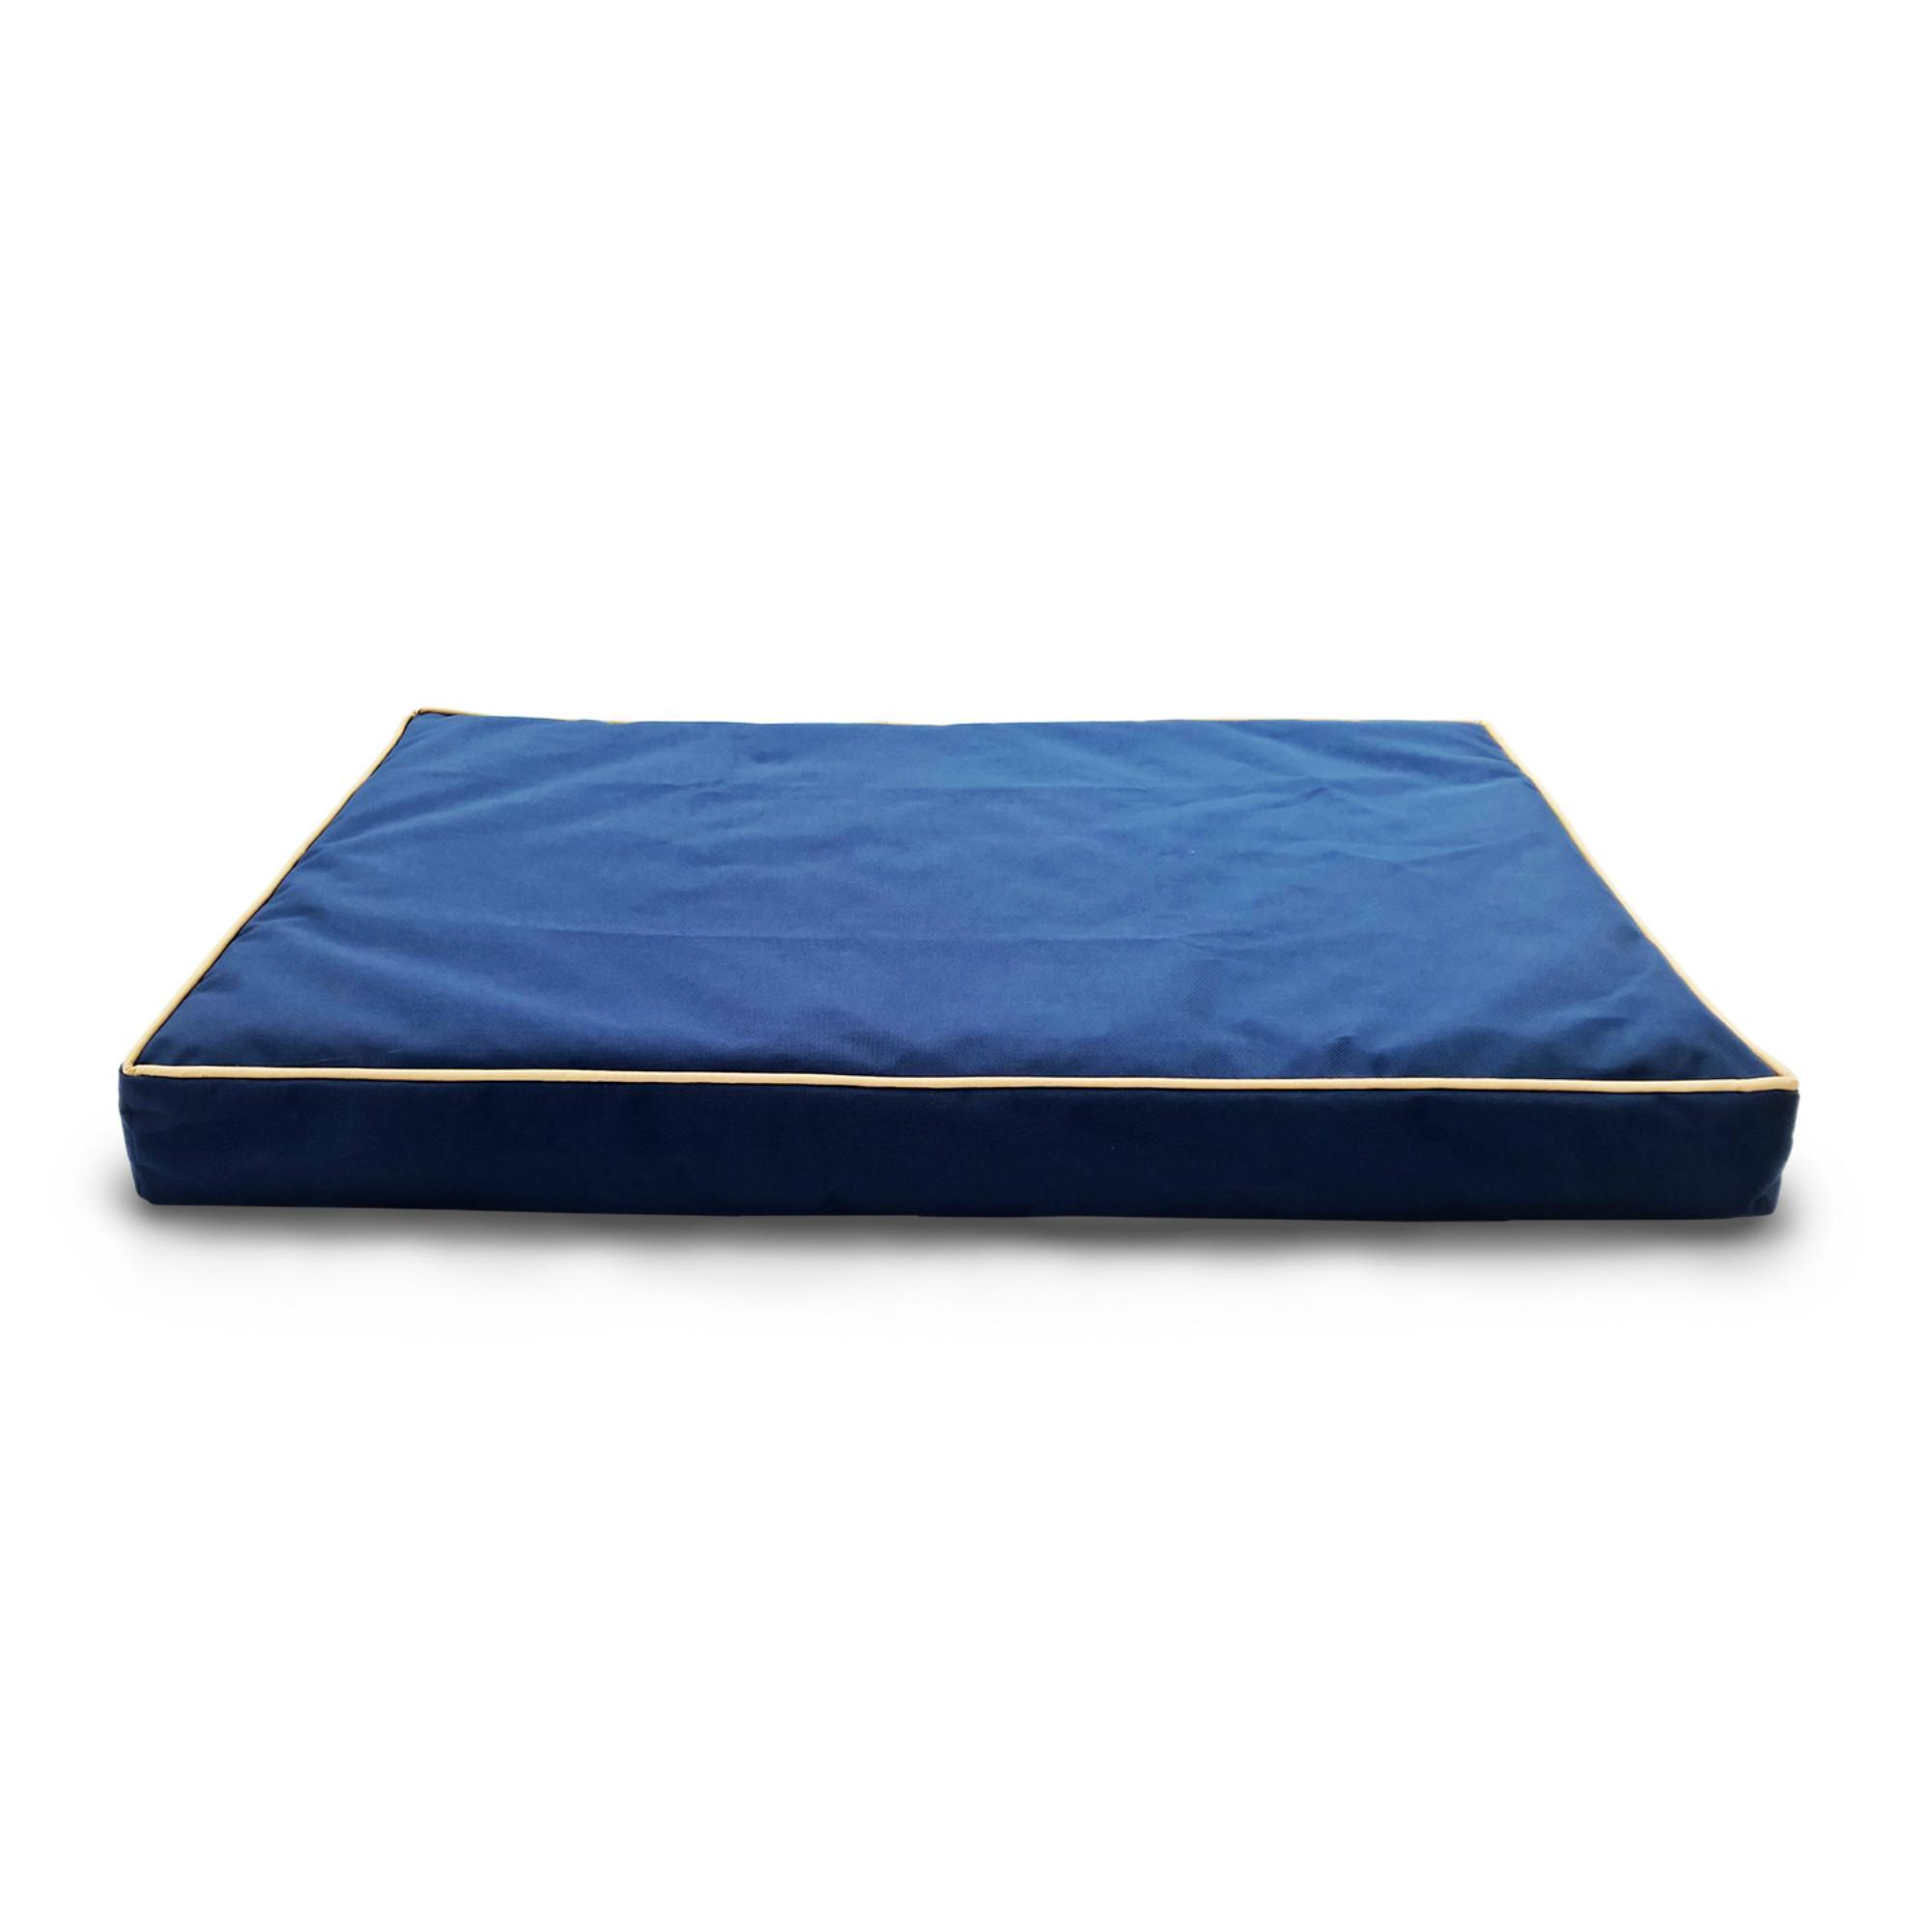 FurHaven Deluxe Indoor/Outdoor Solid Orthopedic Pet Bed - Blue